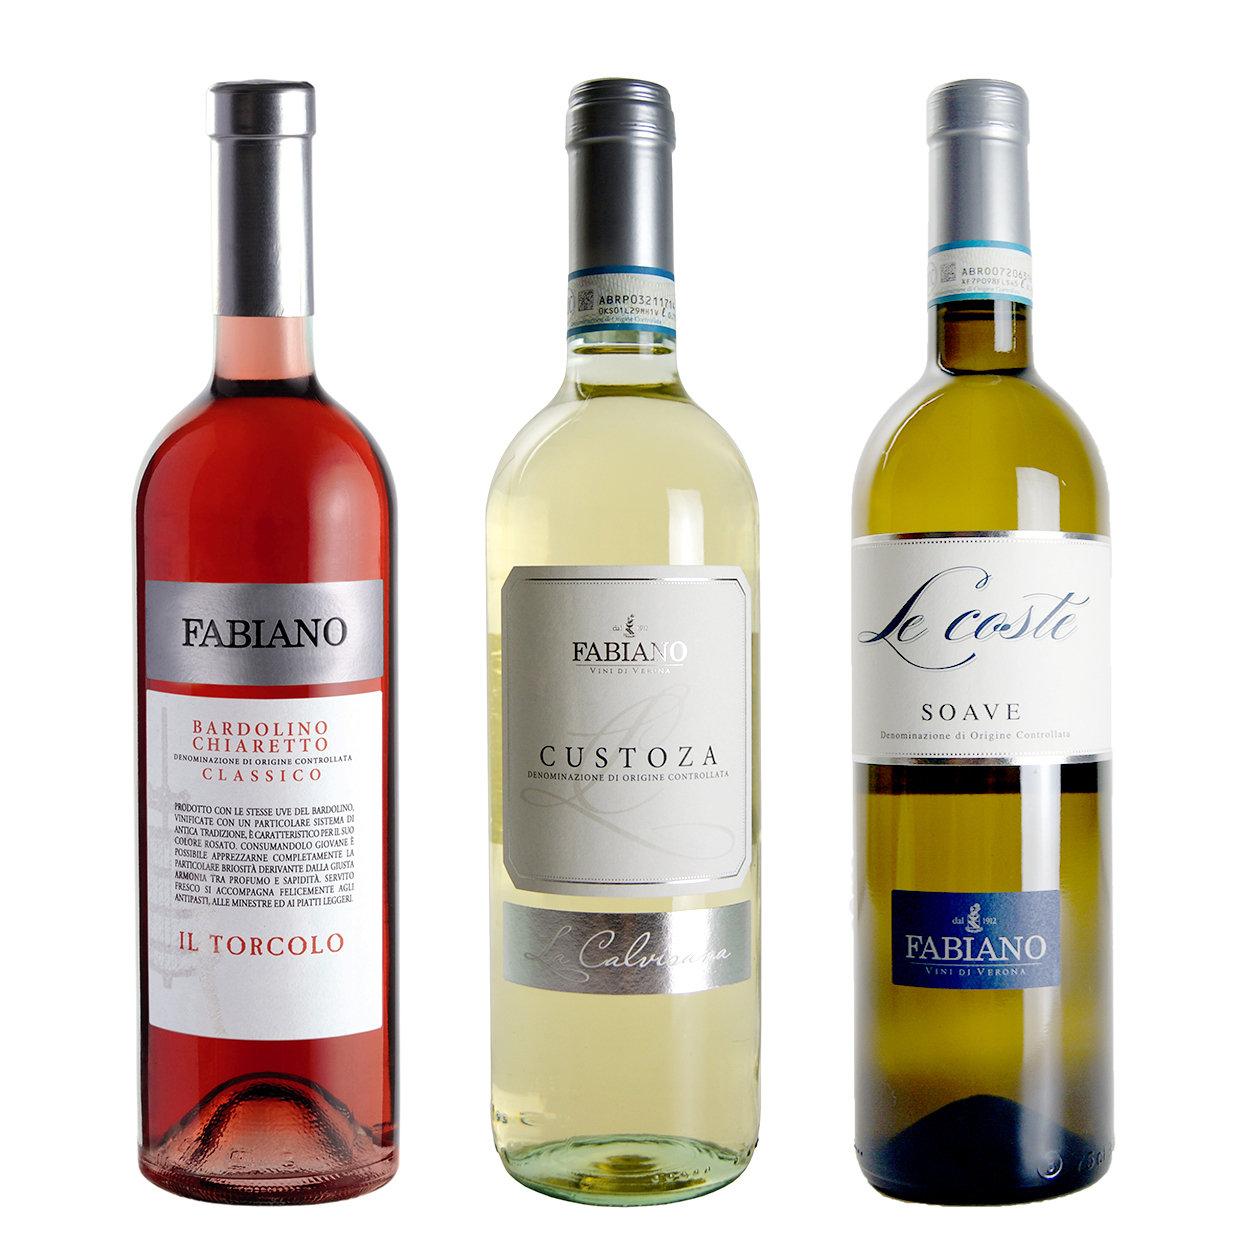 """Image of 3 bottiglie miste: """"Il Torcolo"""" Bardolino Chiaretto DOC Classico 2019 - """"La Calvisana"""" Custova DOC 2019 - """"Le Coste"""" Soave DOC 2019"""